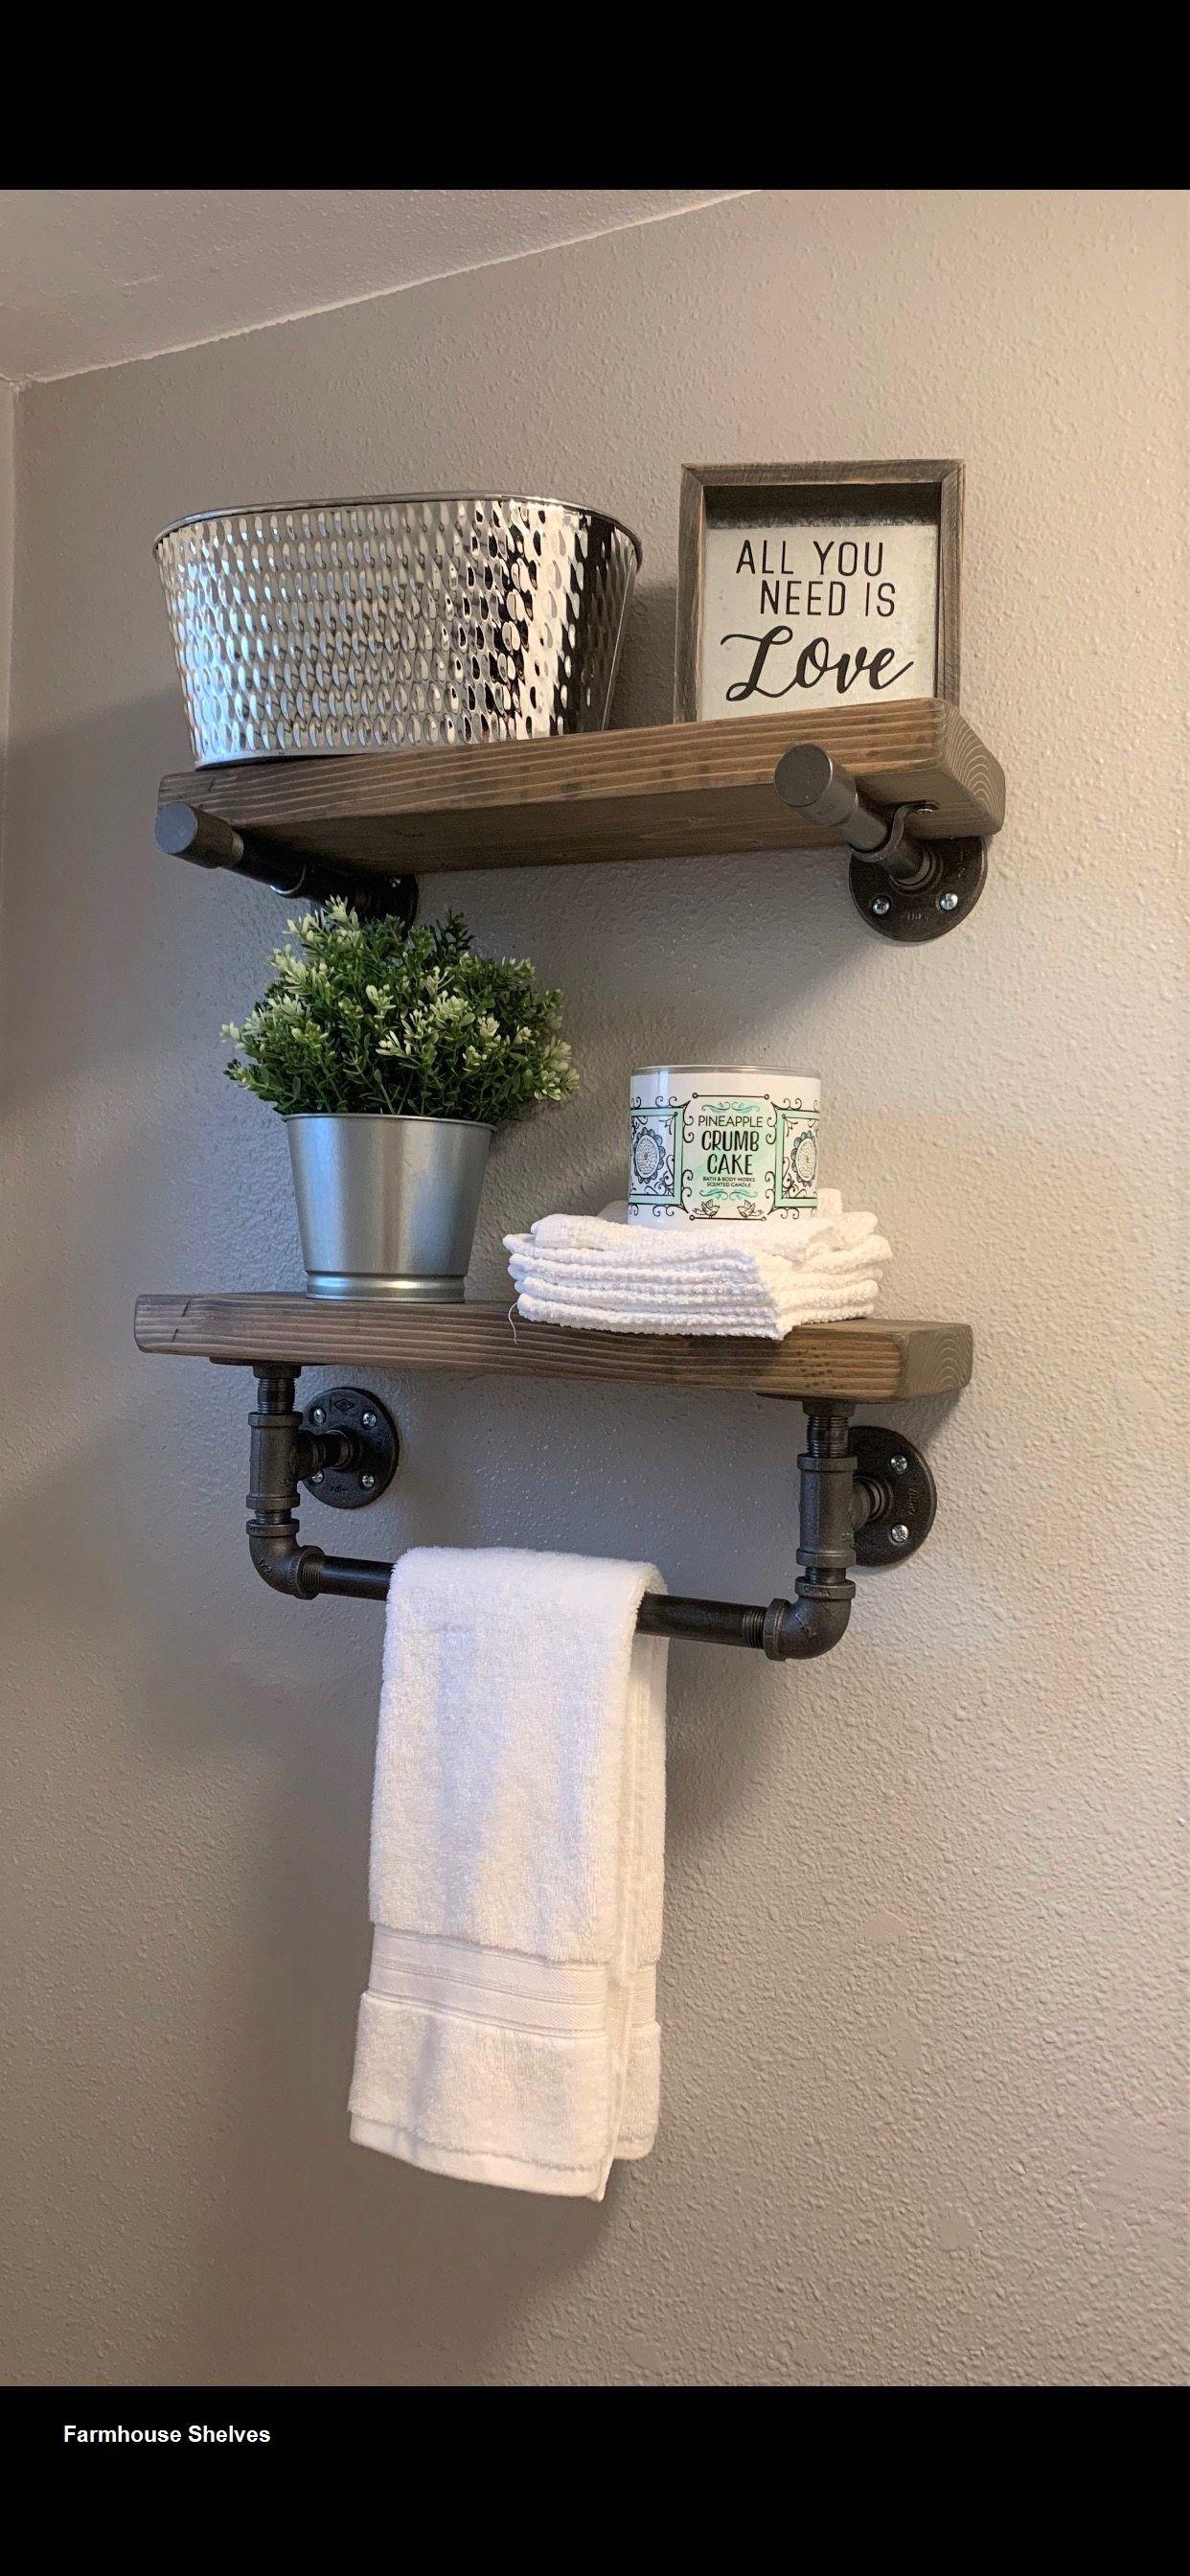 DIY Farmhouse Shelves Ideas in 2020 Farmhouse shelves